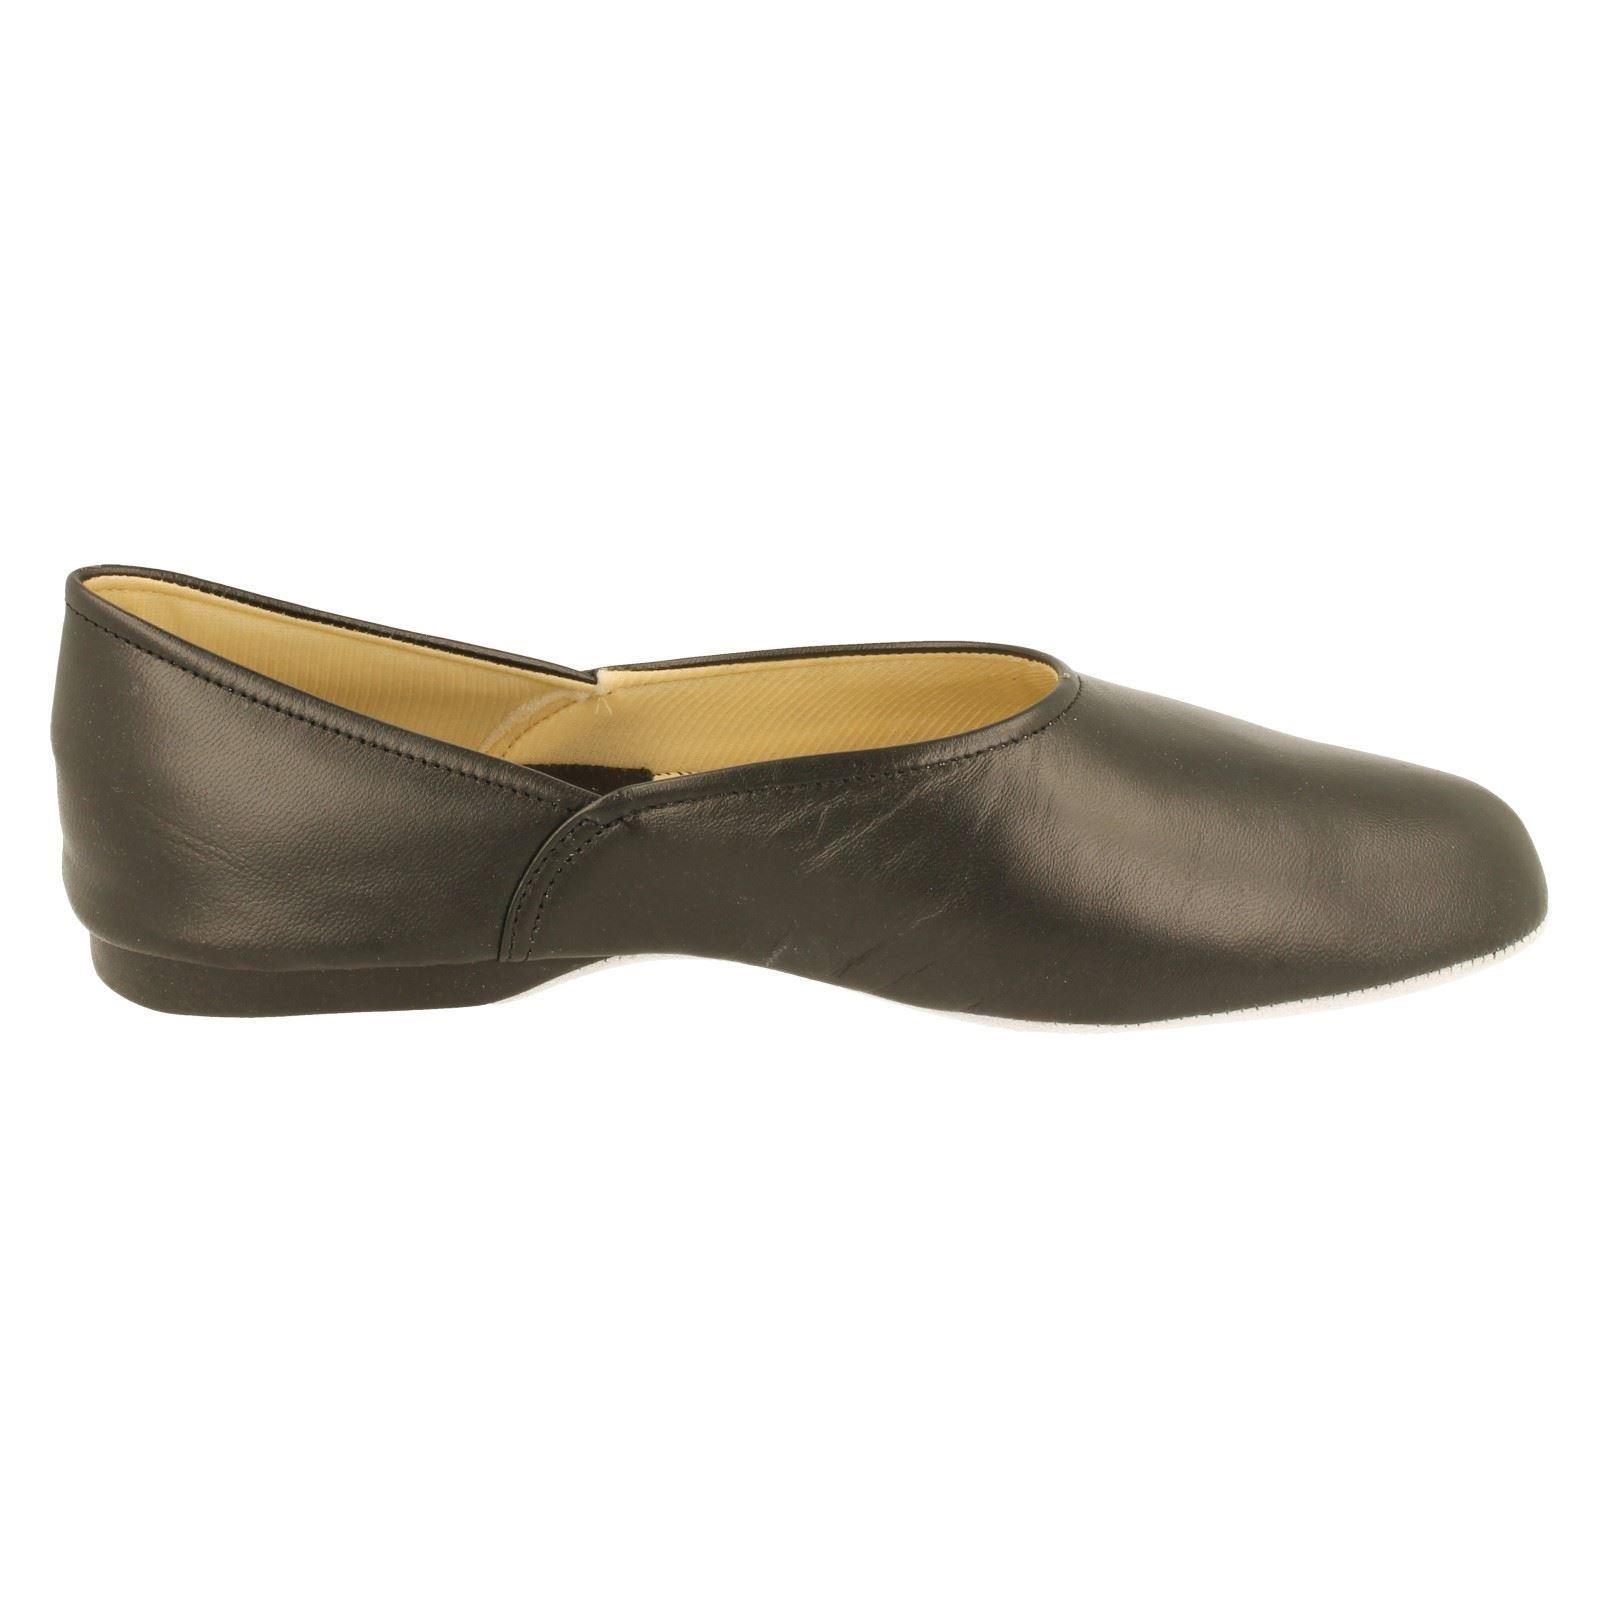 Uomo Reflex Slippers Slippers Reflex Label Grecia-W 324345